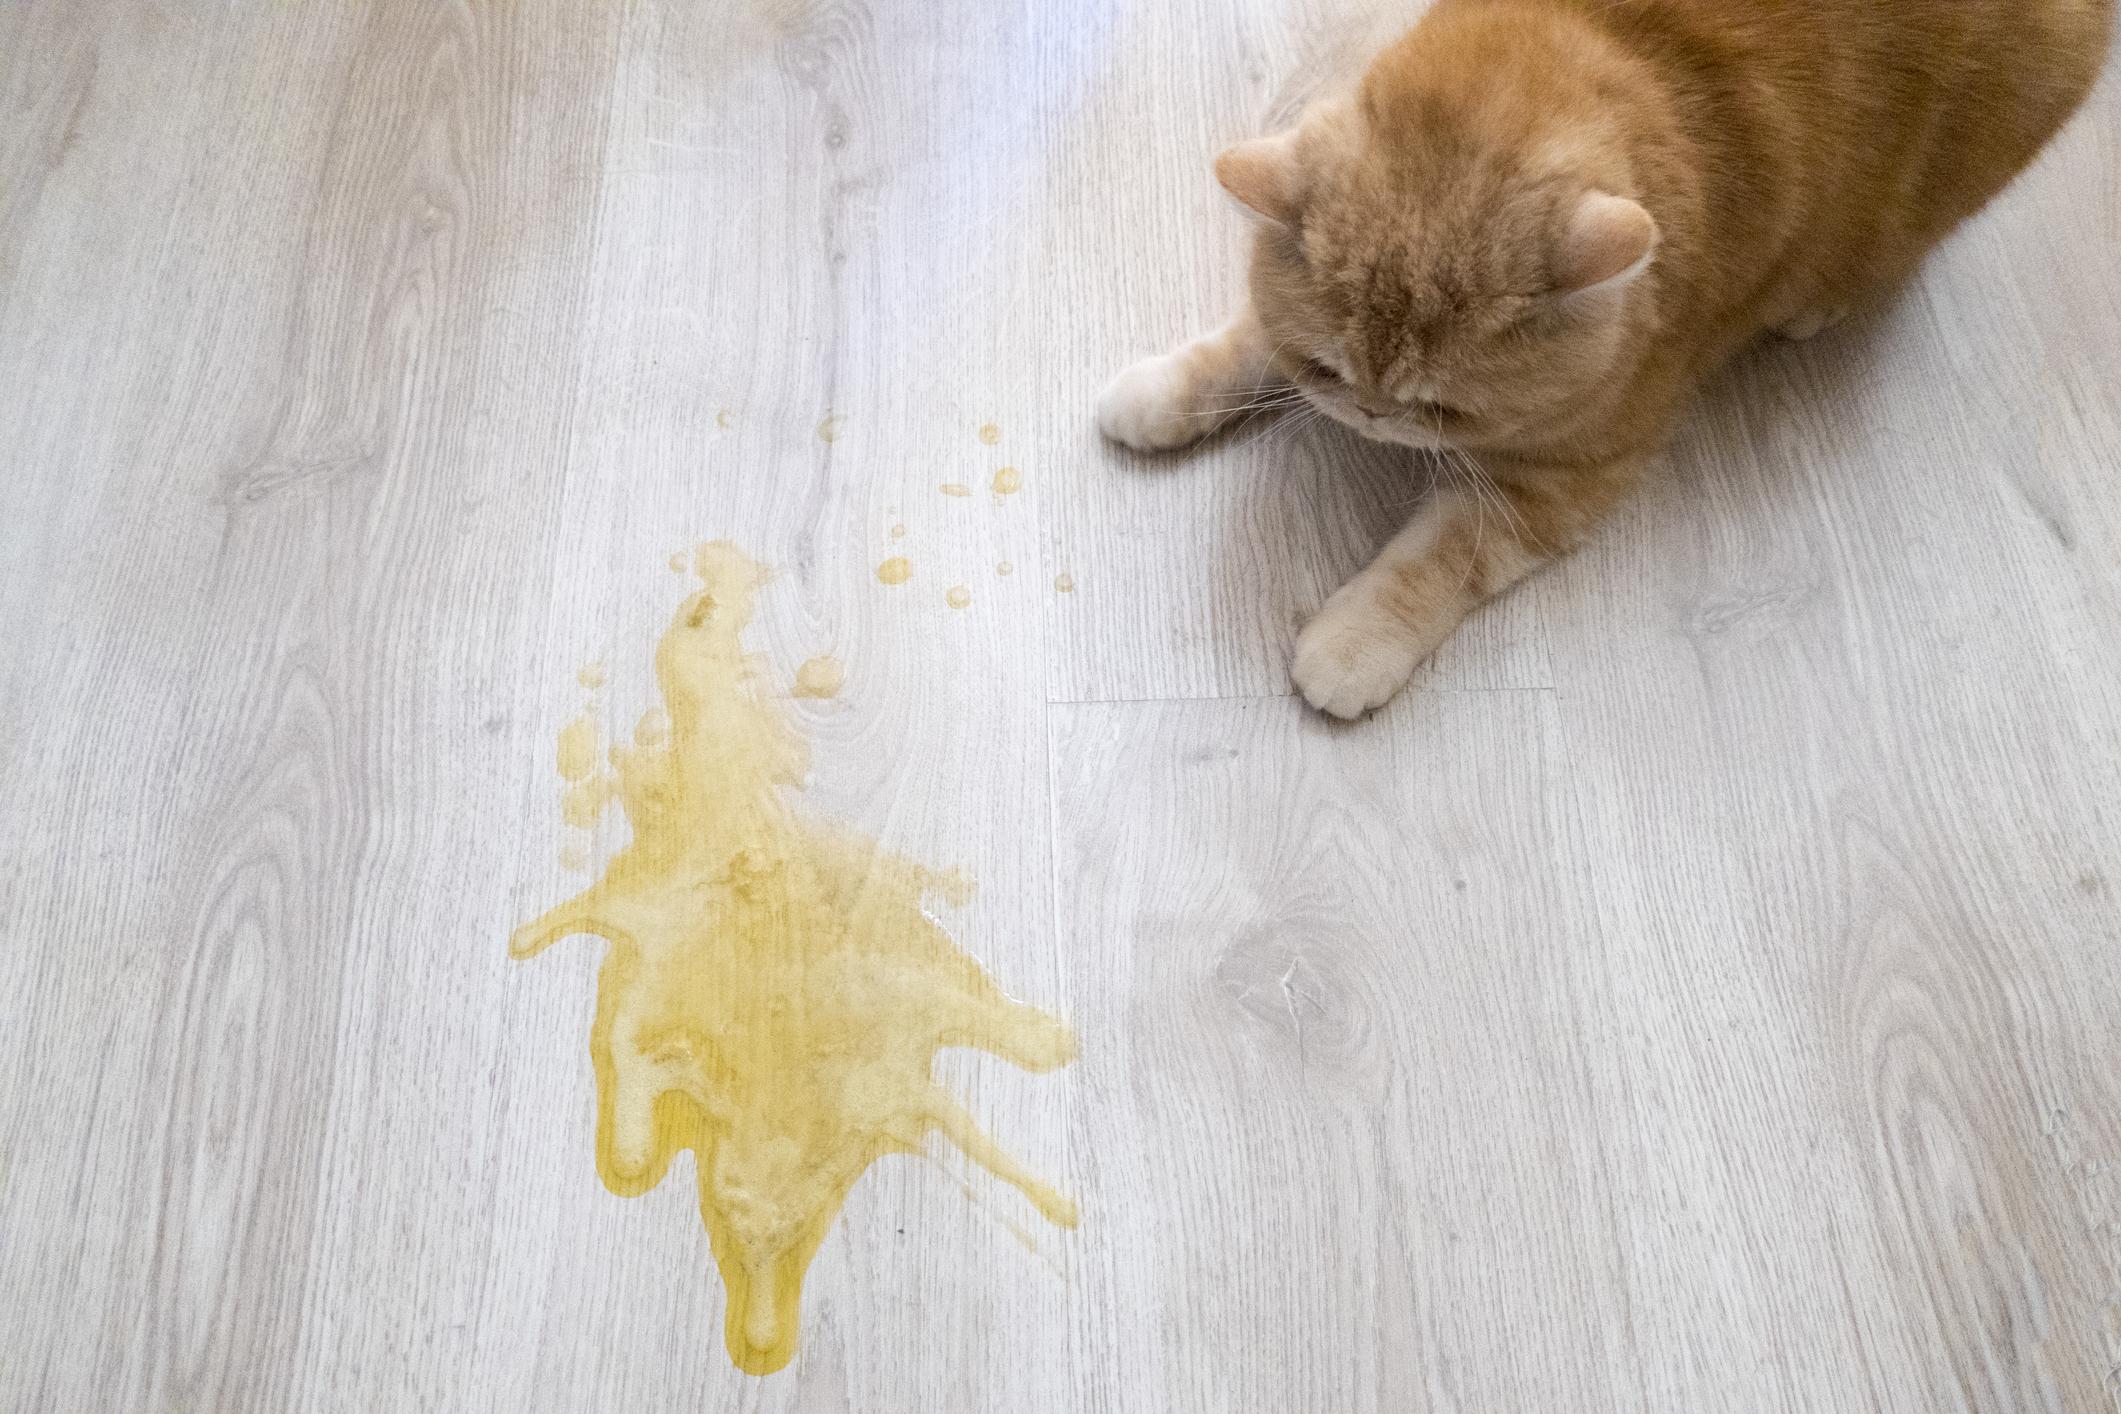 кошку рвет желтой жидкостью что делать